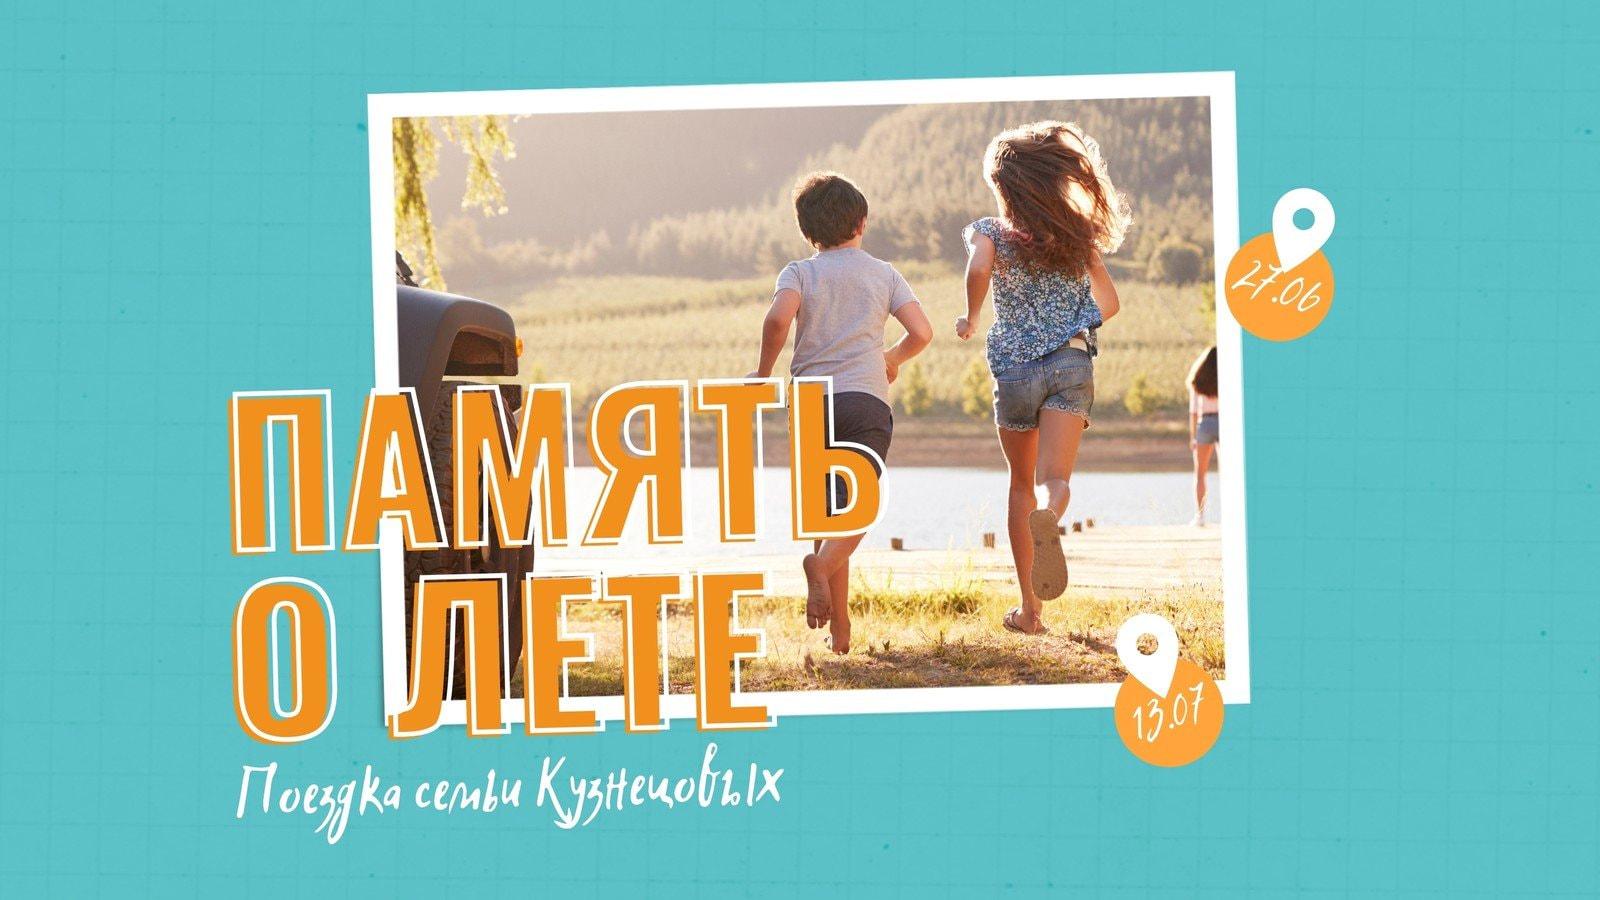 Оранжевый и Бирюзовый Время Приключений Семейное Путешествие Воспоминания Слайд-шоу